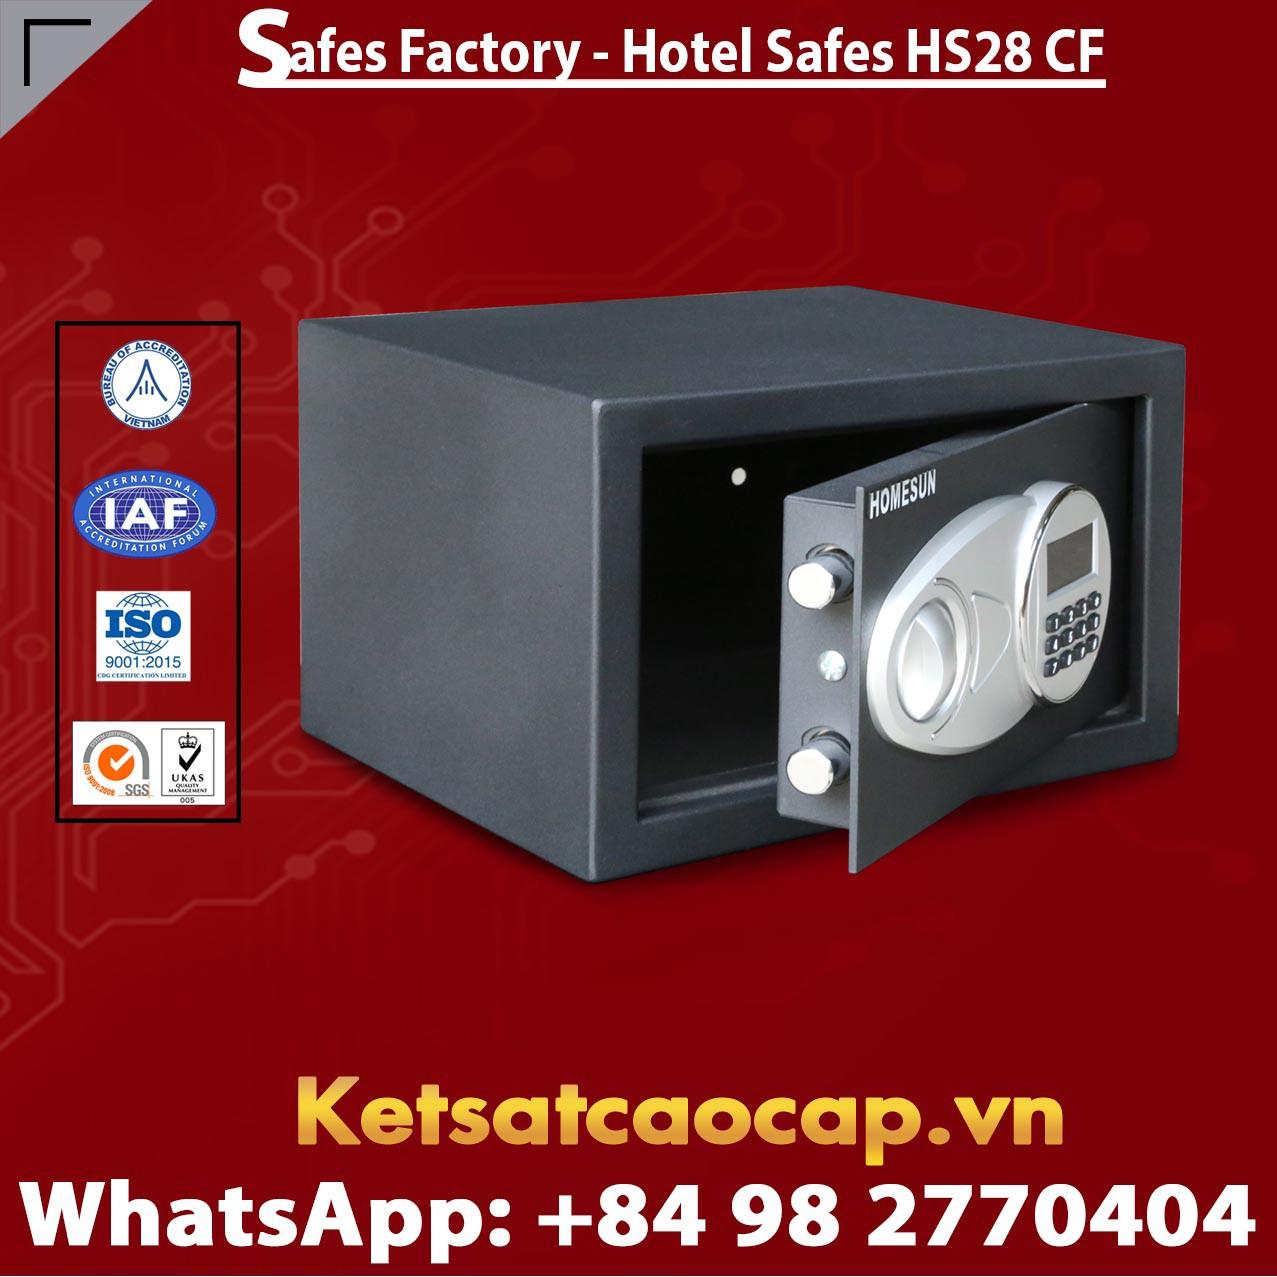 Két Sắt Khách Sạn Hà Nội Hotel Safes HOMESUN HS28 CF